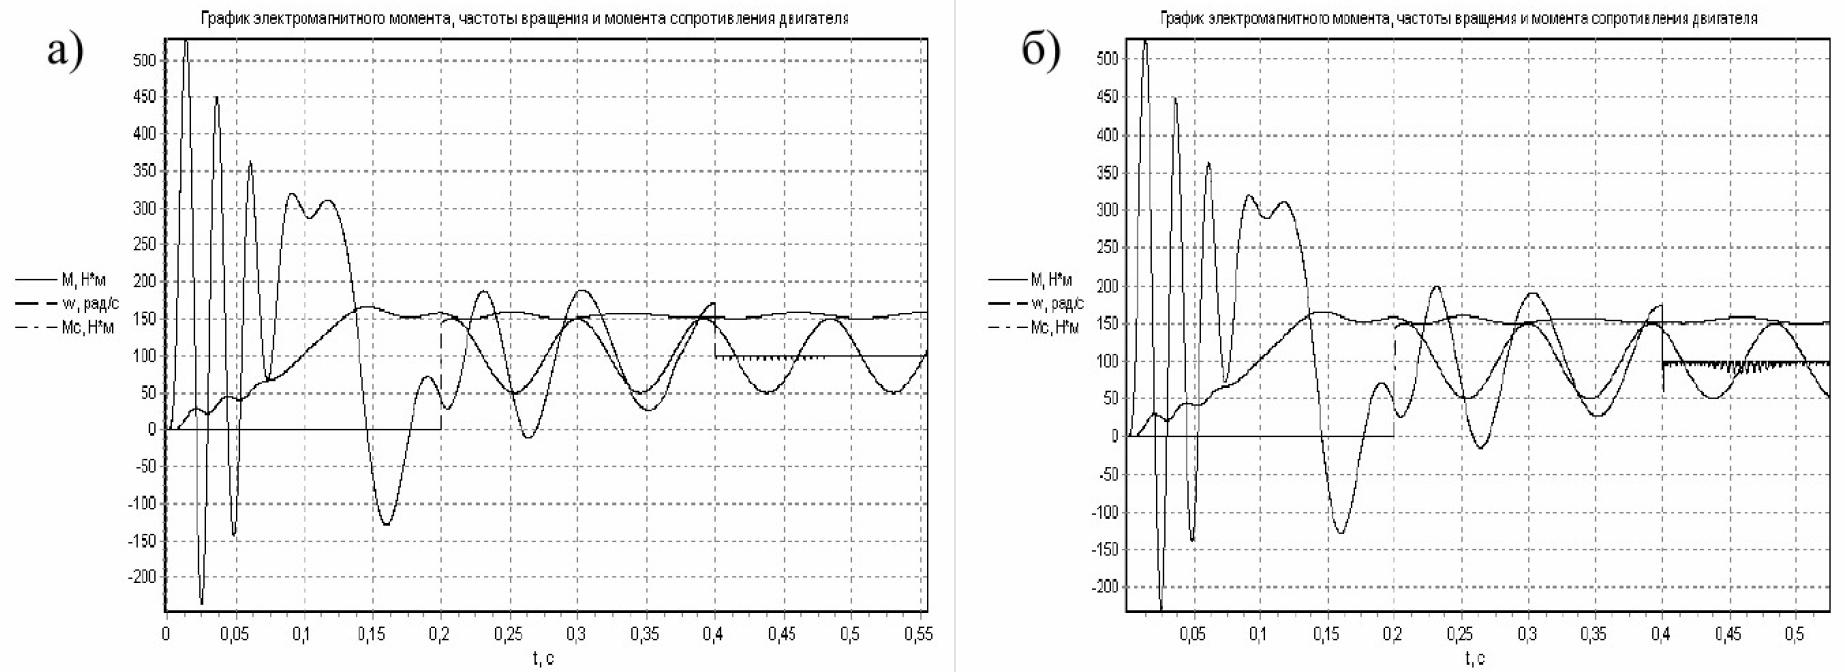 Управление моментом и потоком электрической машины переменного тока 9